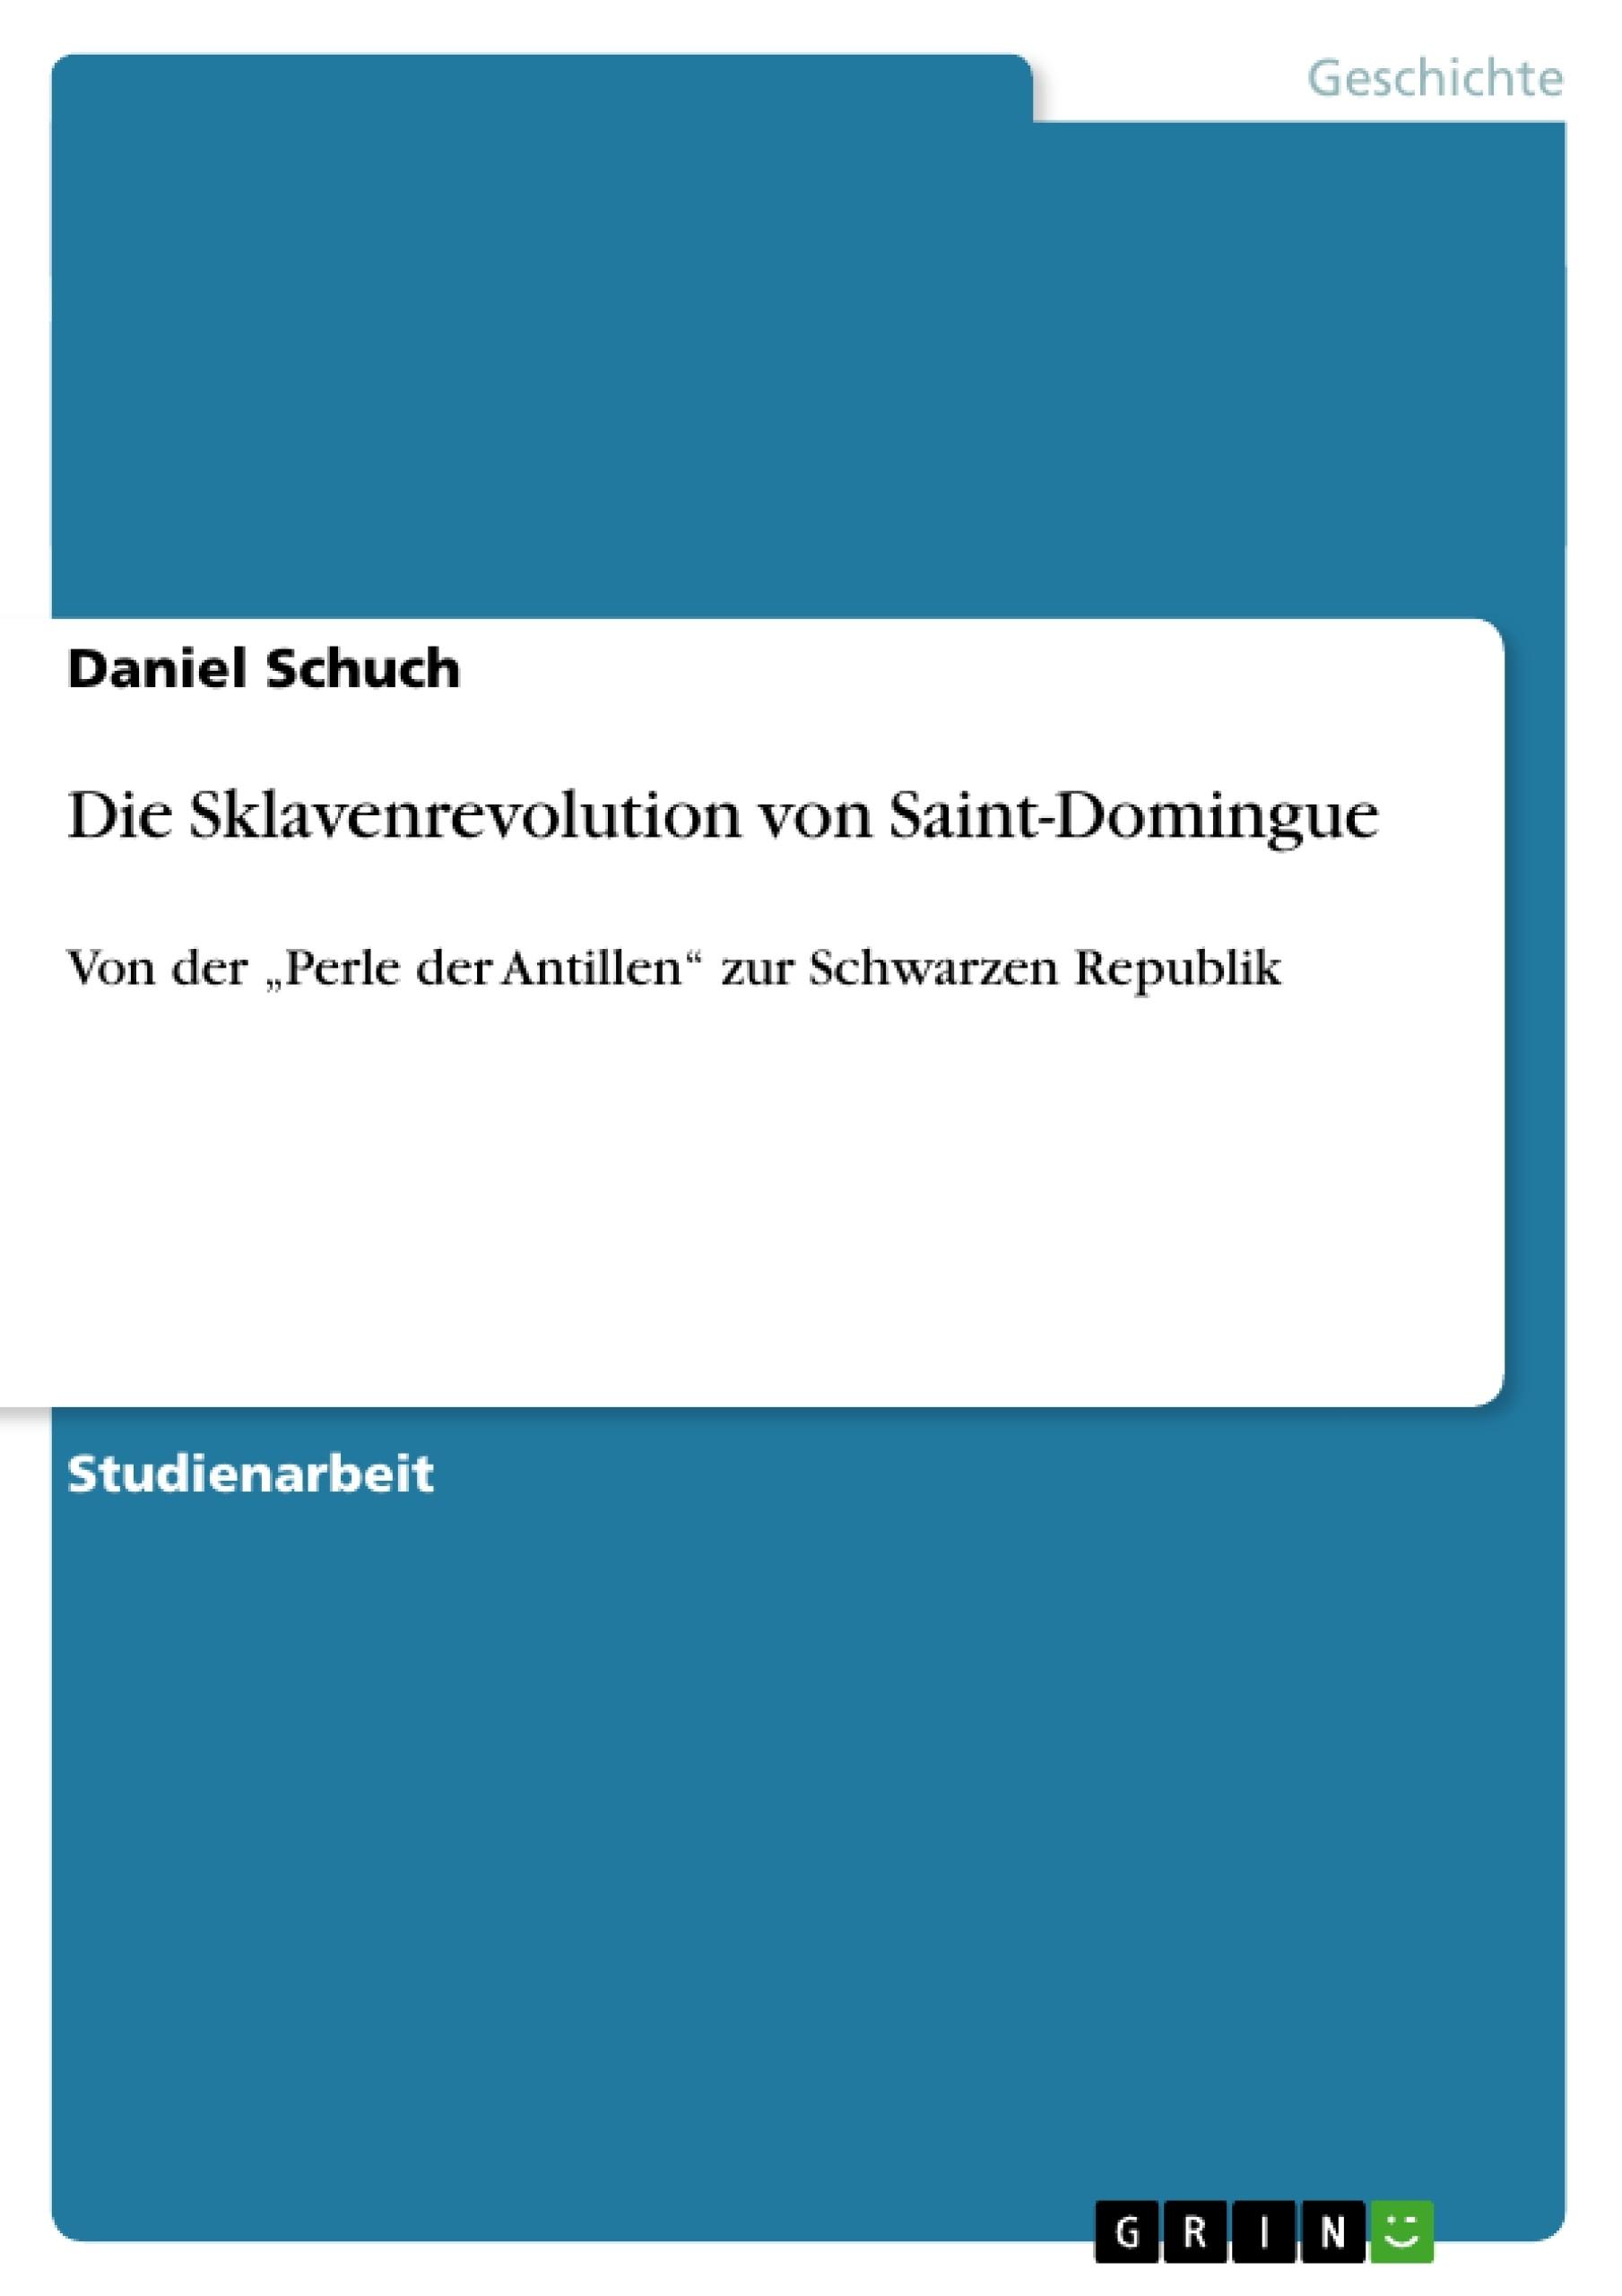 Titel: Die Sklavenrevolution von Saint-Domingue